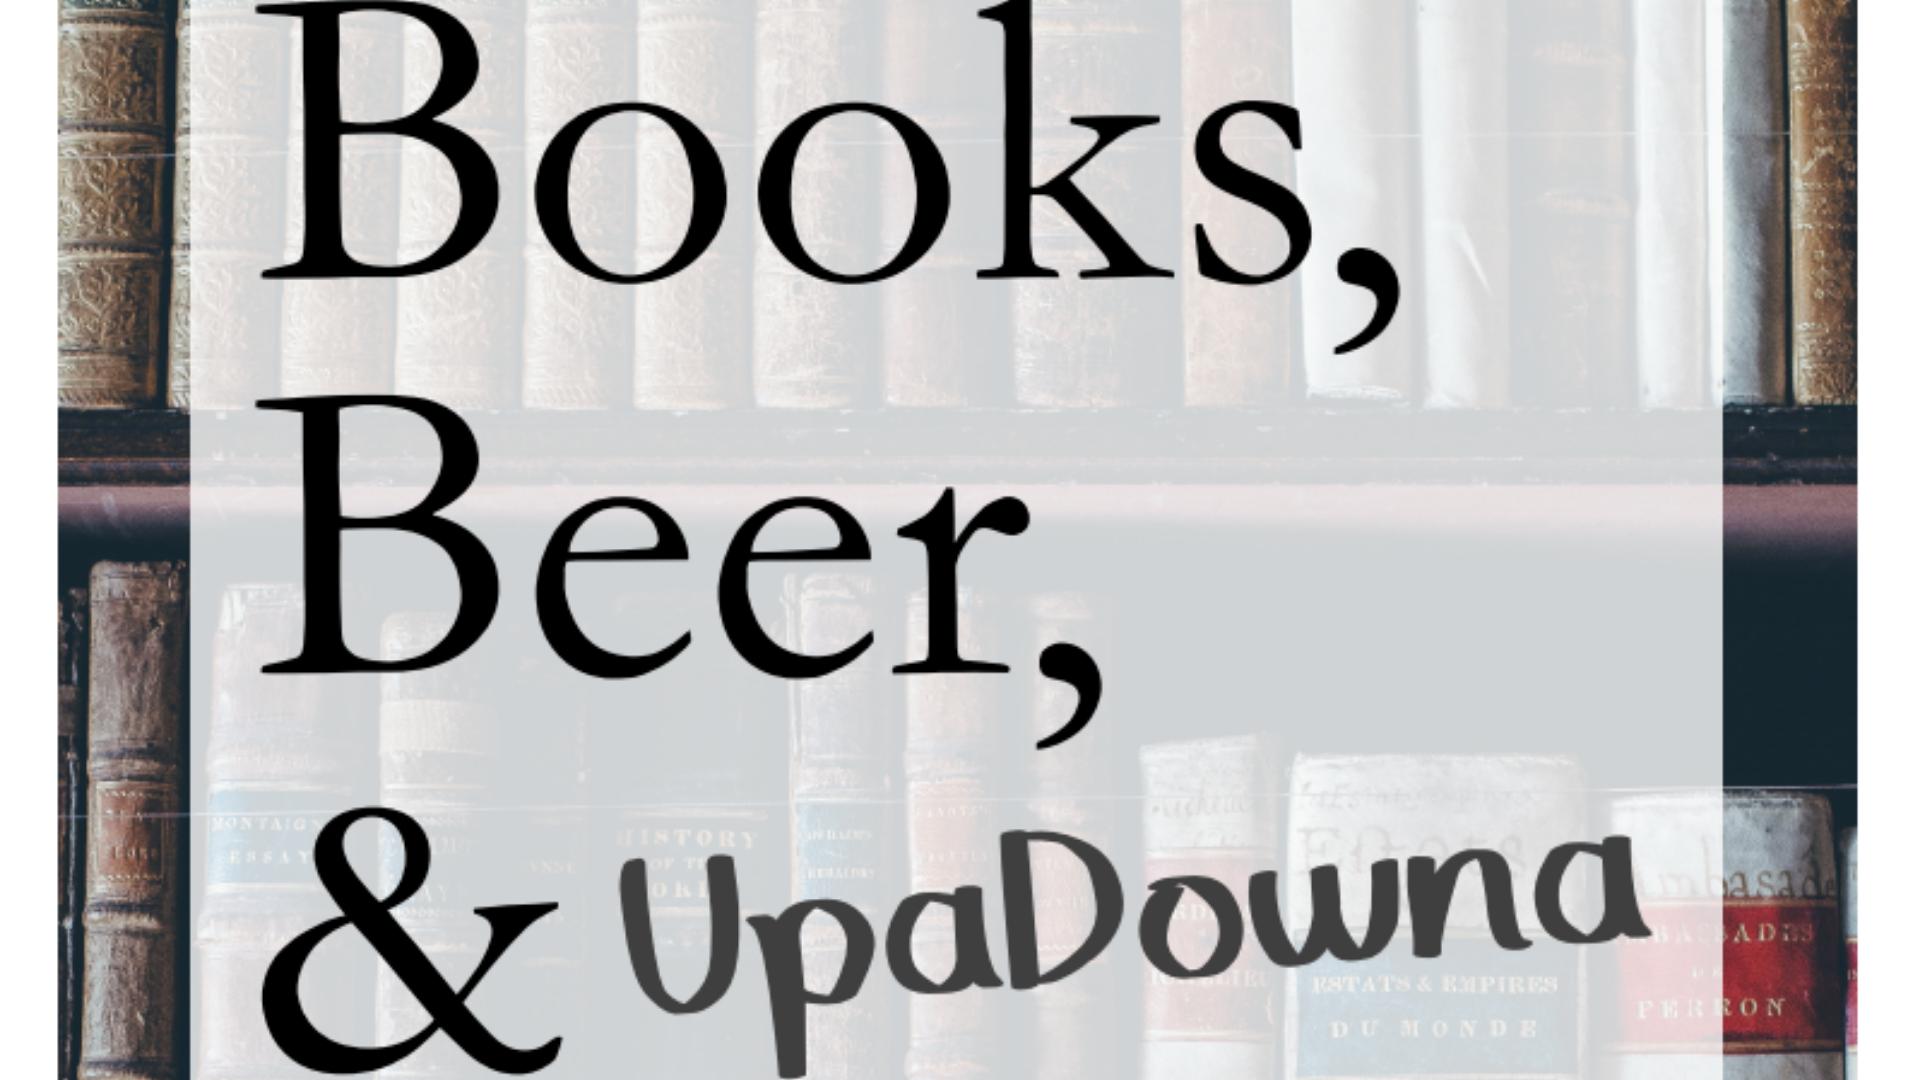 Books, Beer & UpaDowna